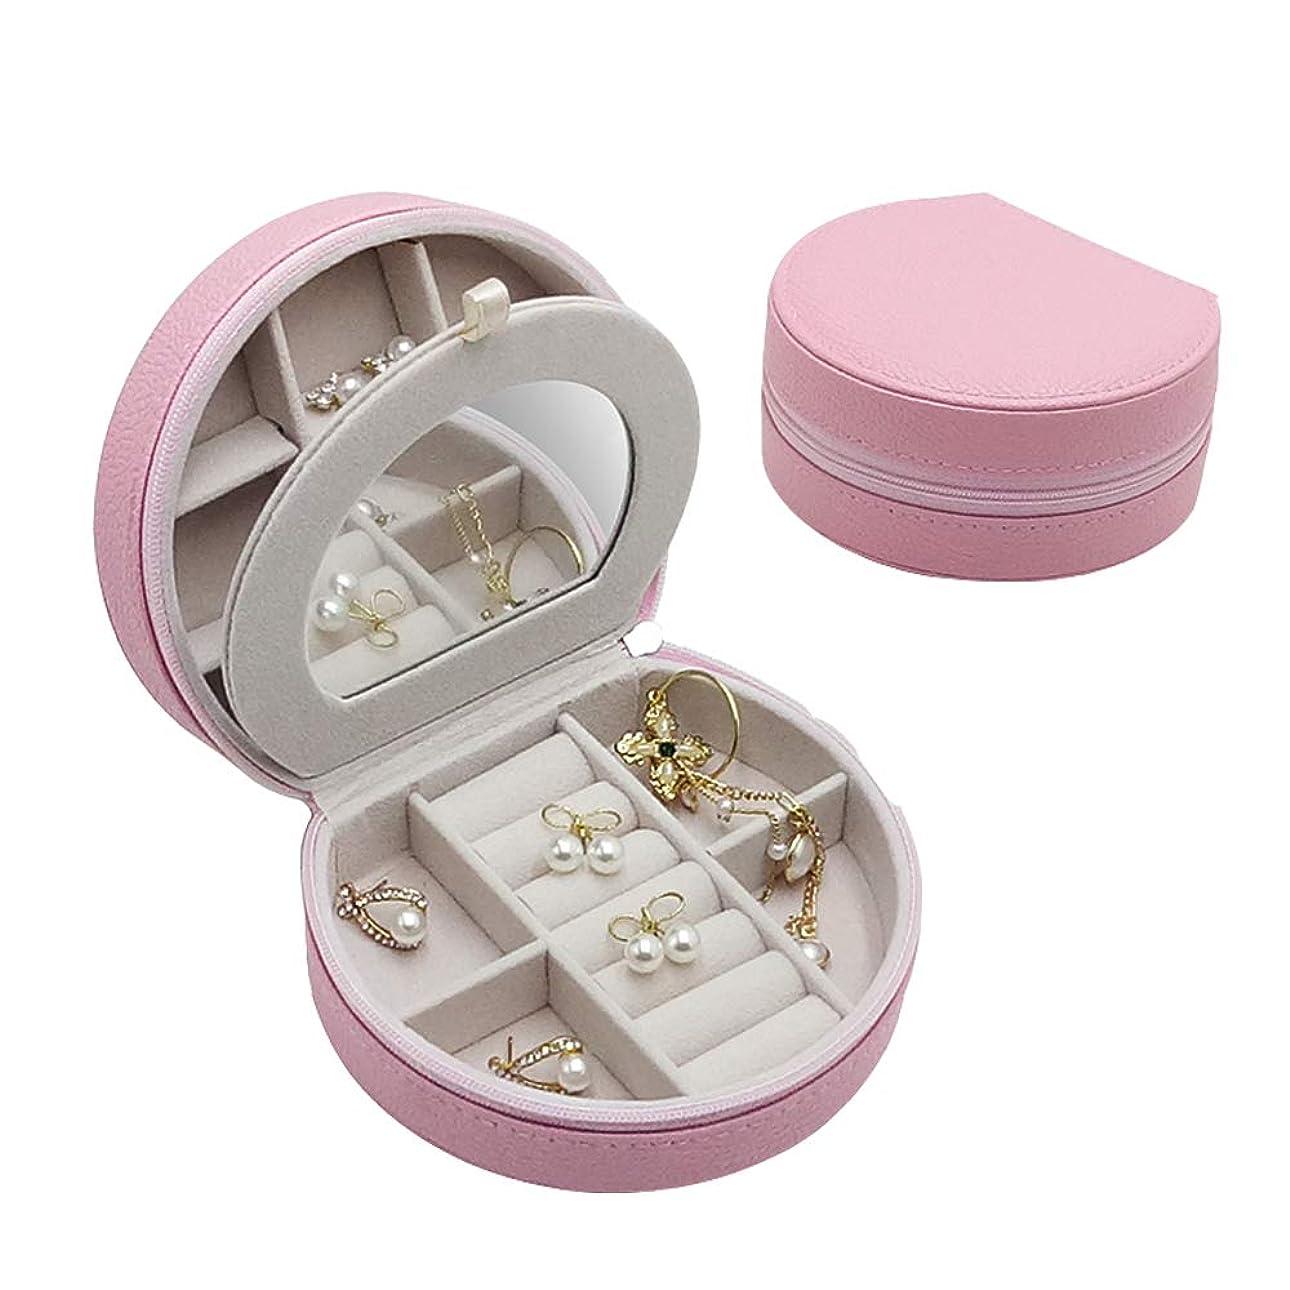 レスリング有名暖かくジュエリーボックス ミニ宝石箱 ミラー 鏡付き 引き出し 携帯用 持ち運び トラベル ピアス ネックレス 指輪 リング アクセサリー 指輪置き ジュエリーバッグ (Pink)